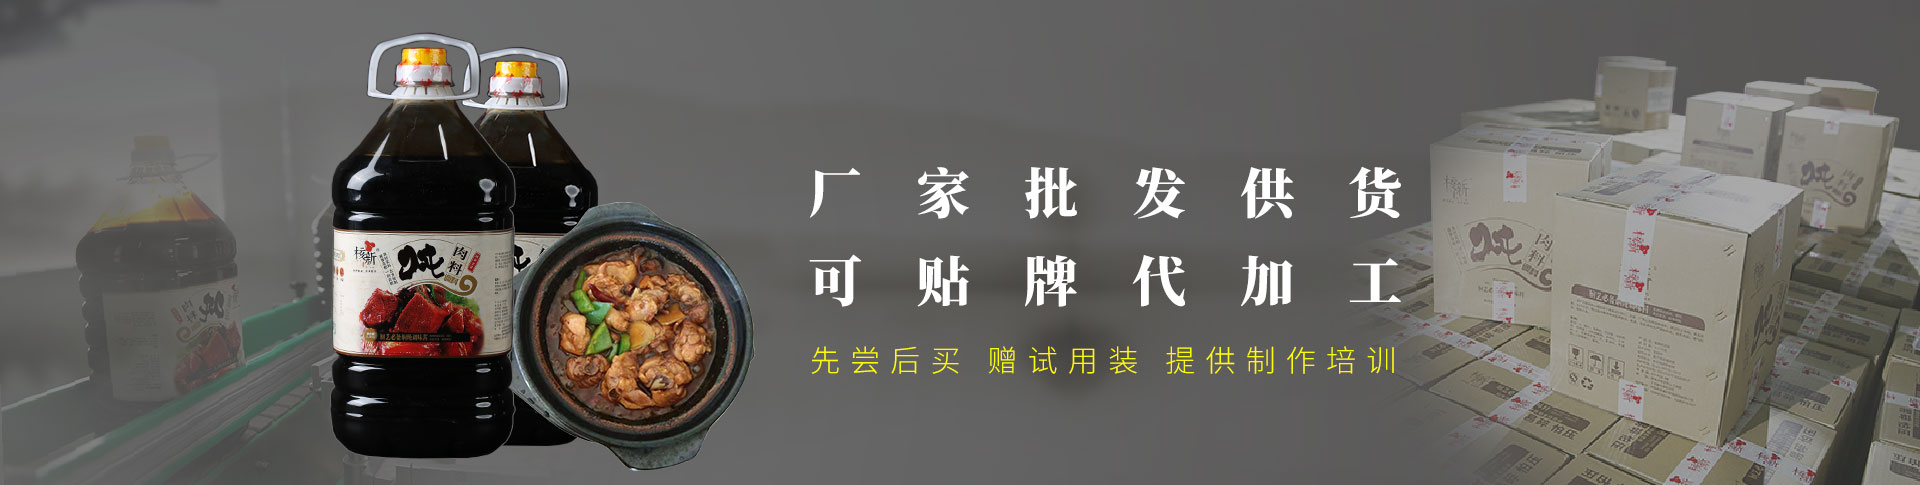 西藏黄焖鸡料加工